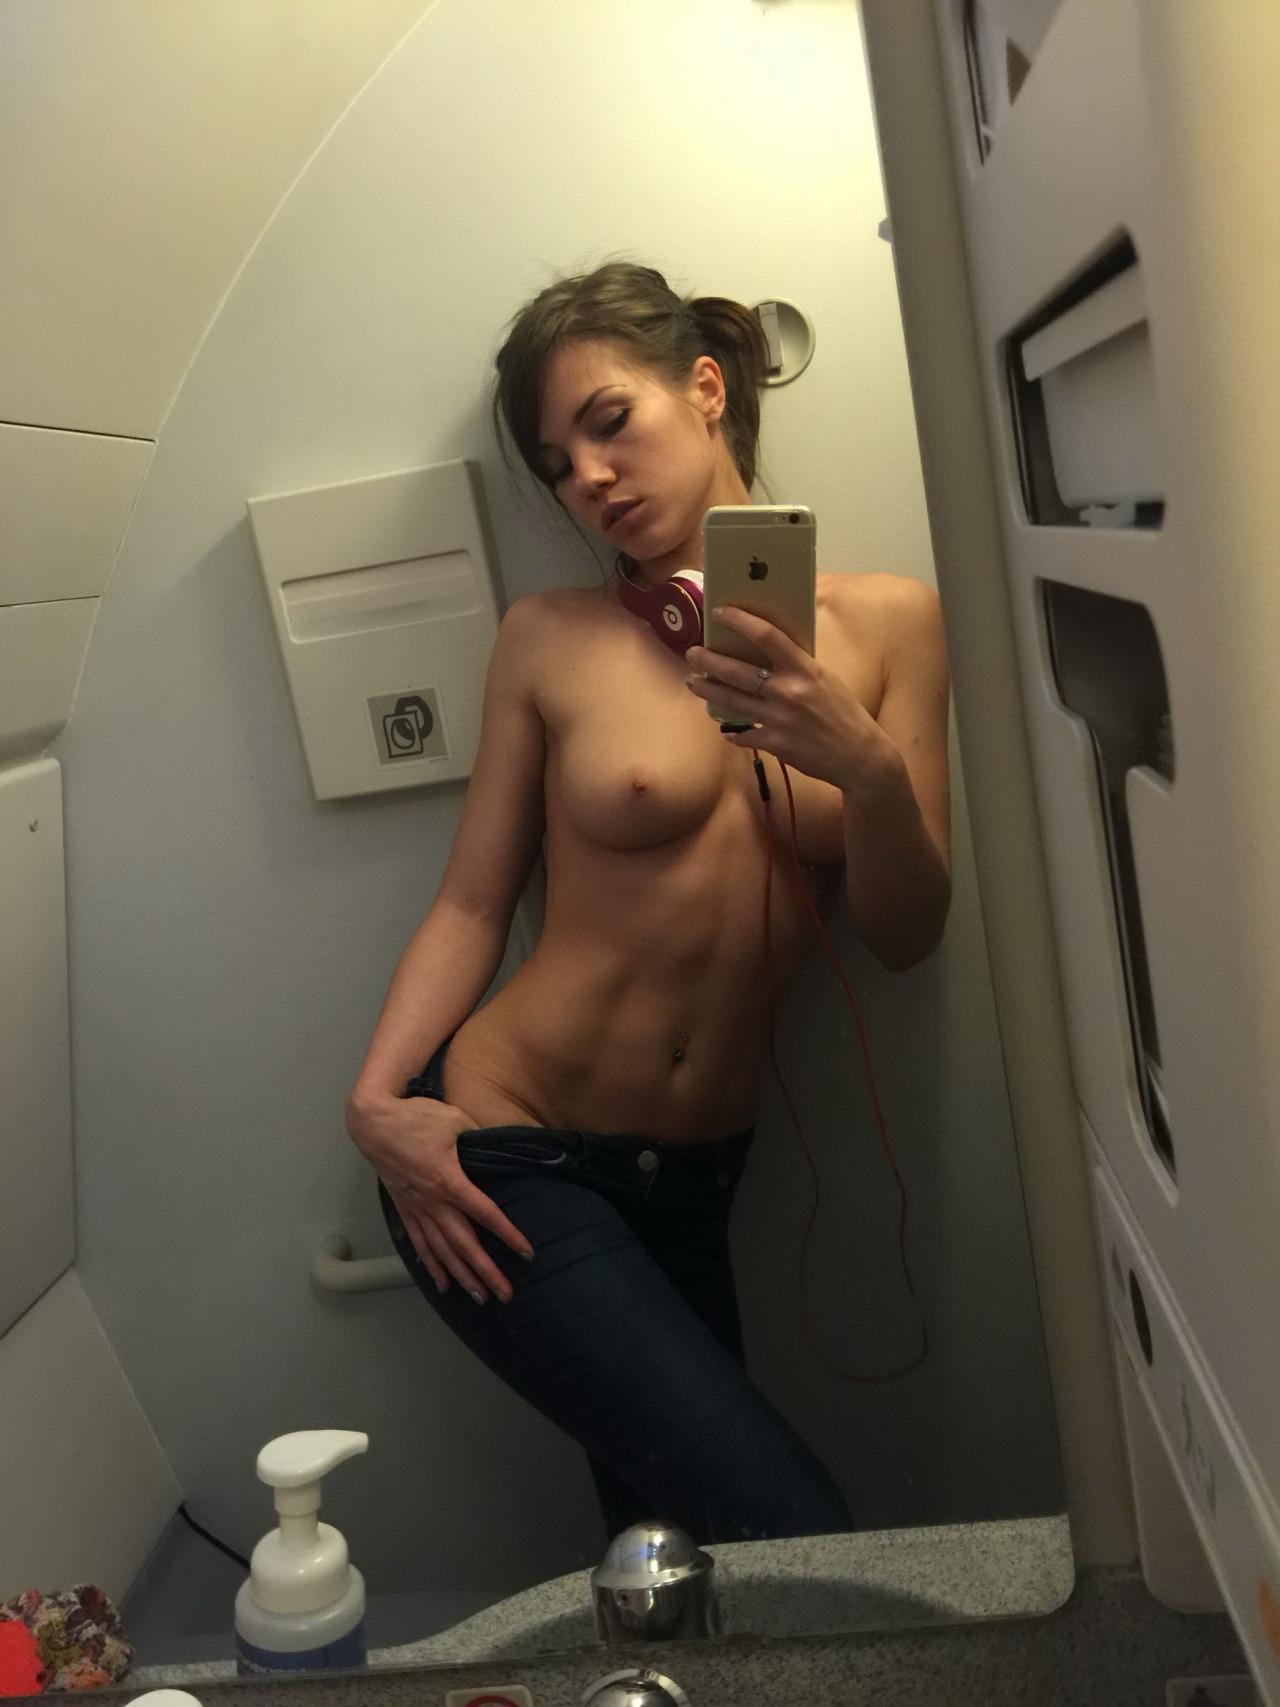 cunt-dildo-airplane-porn-tumblr-sex